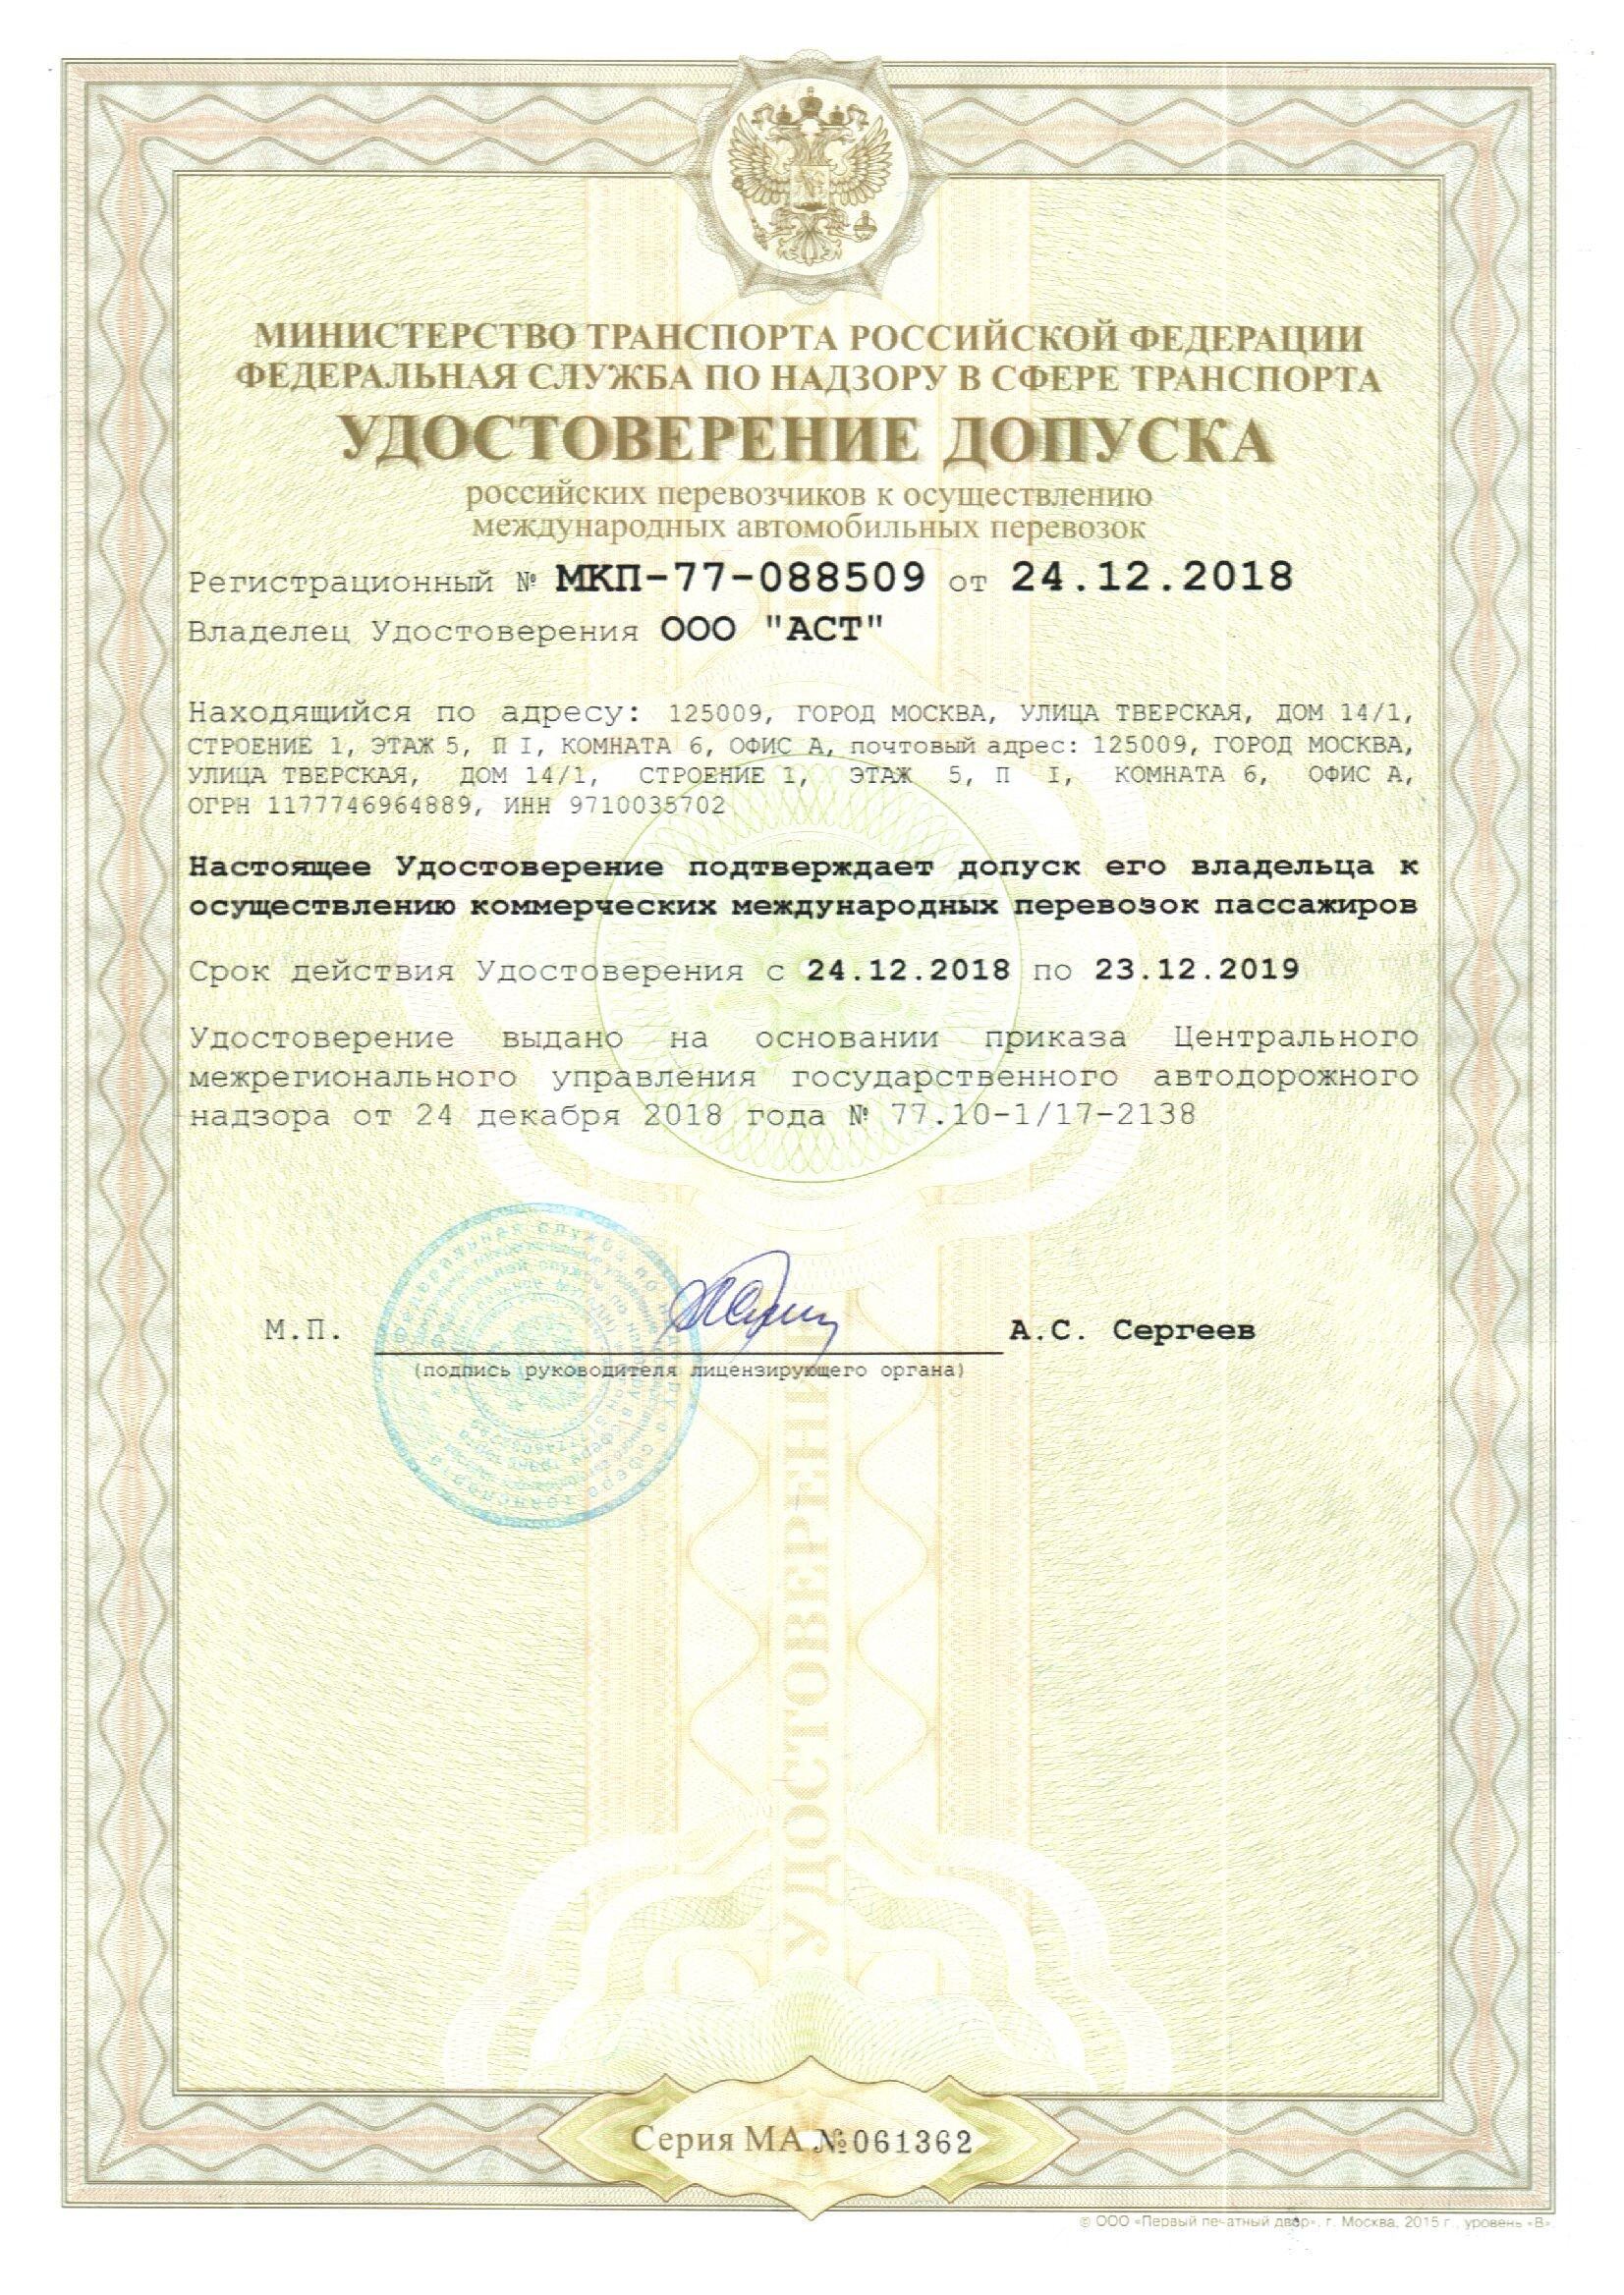 Удостоверение международного допуска